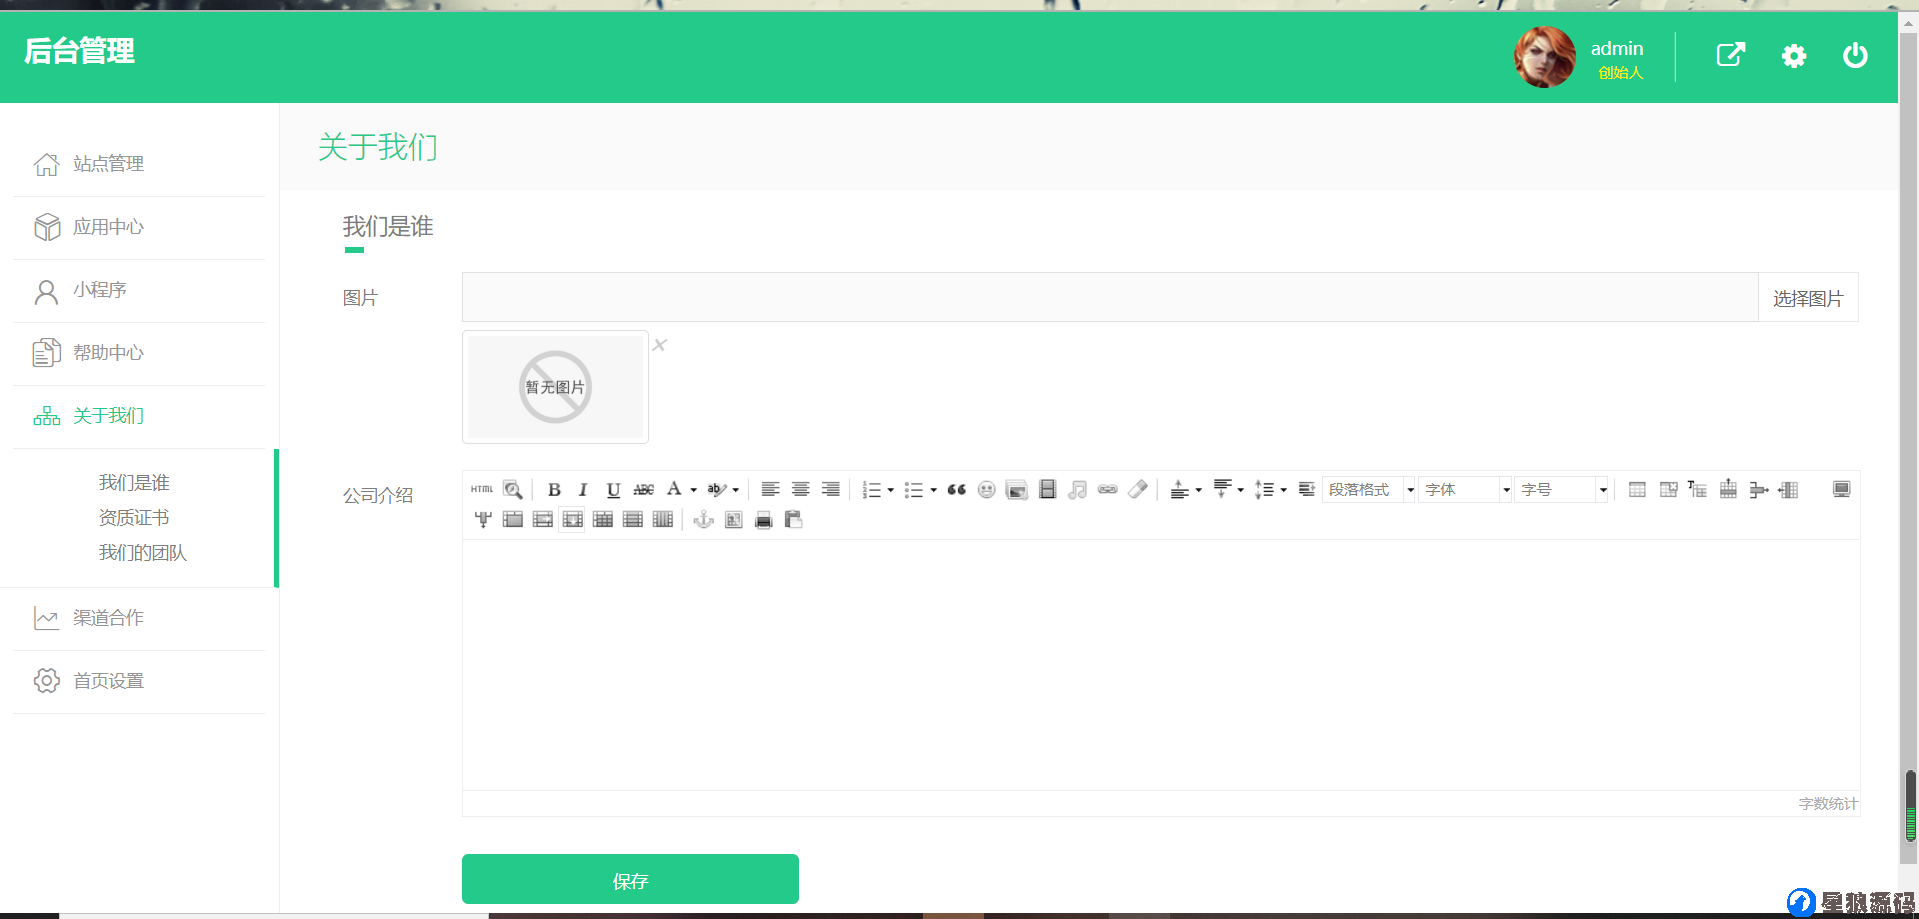 永和自适应首页代理6.1.2 开源版(星狼已测试) 第1张